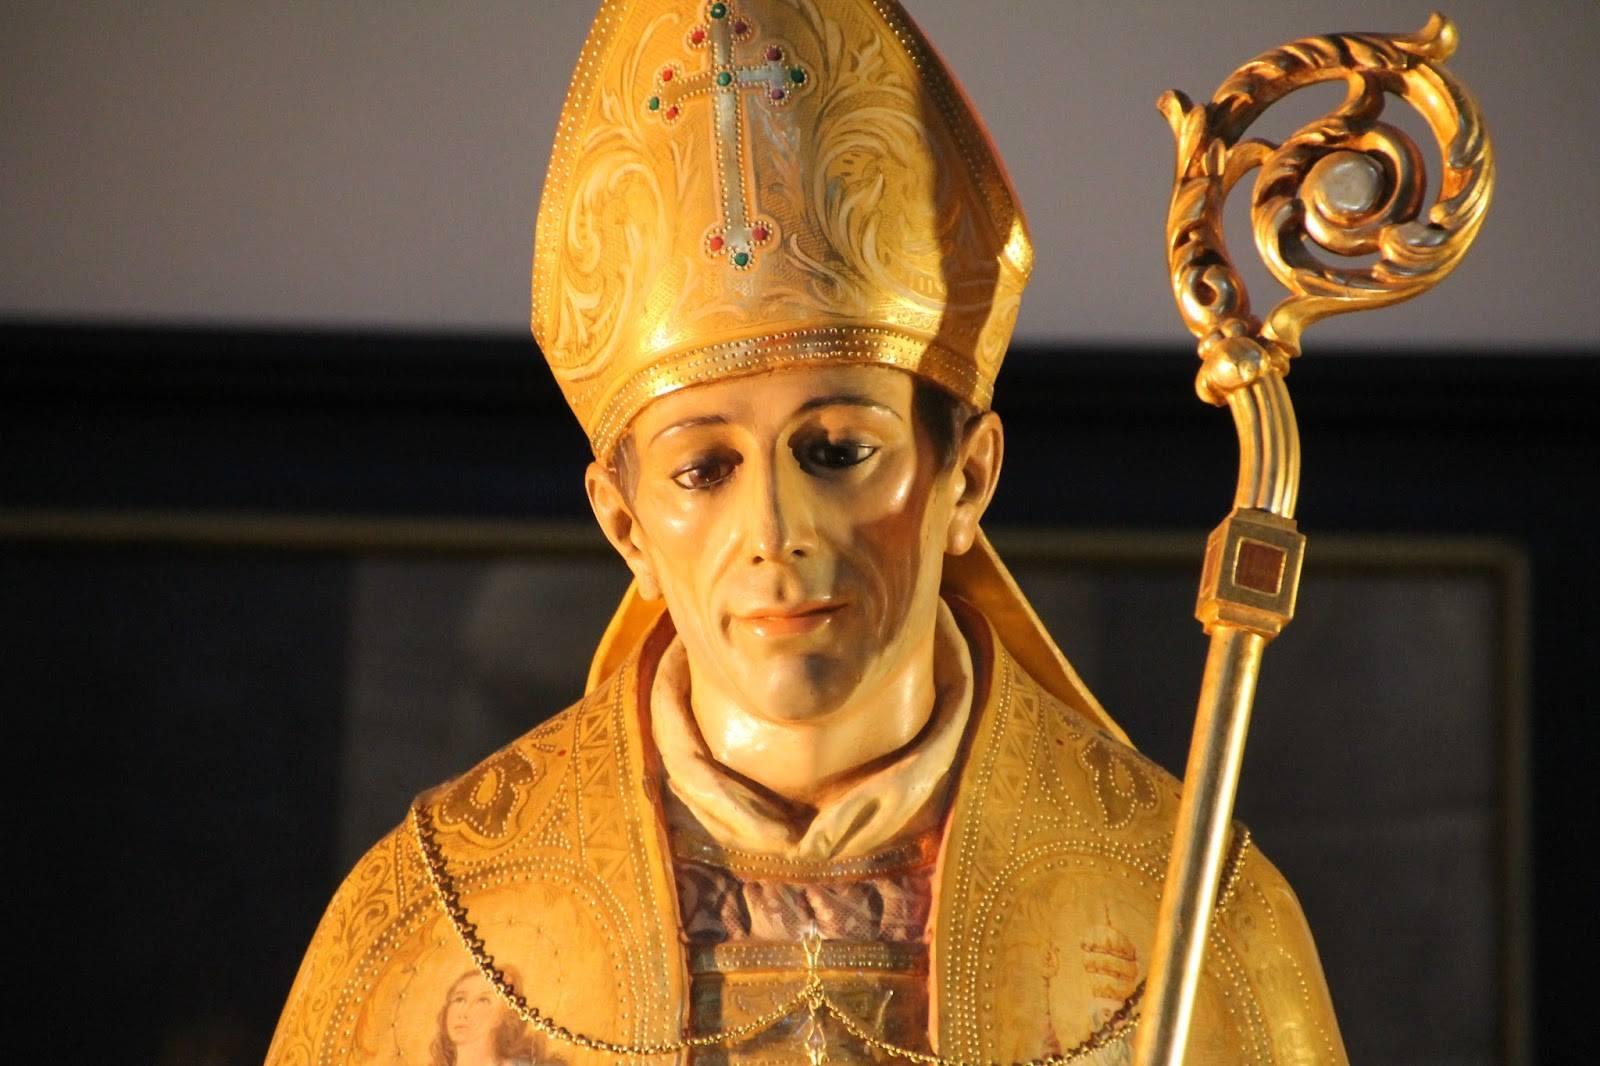 Imagen de Santo Tomás de Villanueva. Autor, desconocido